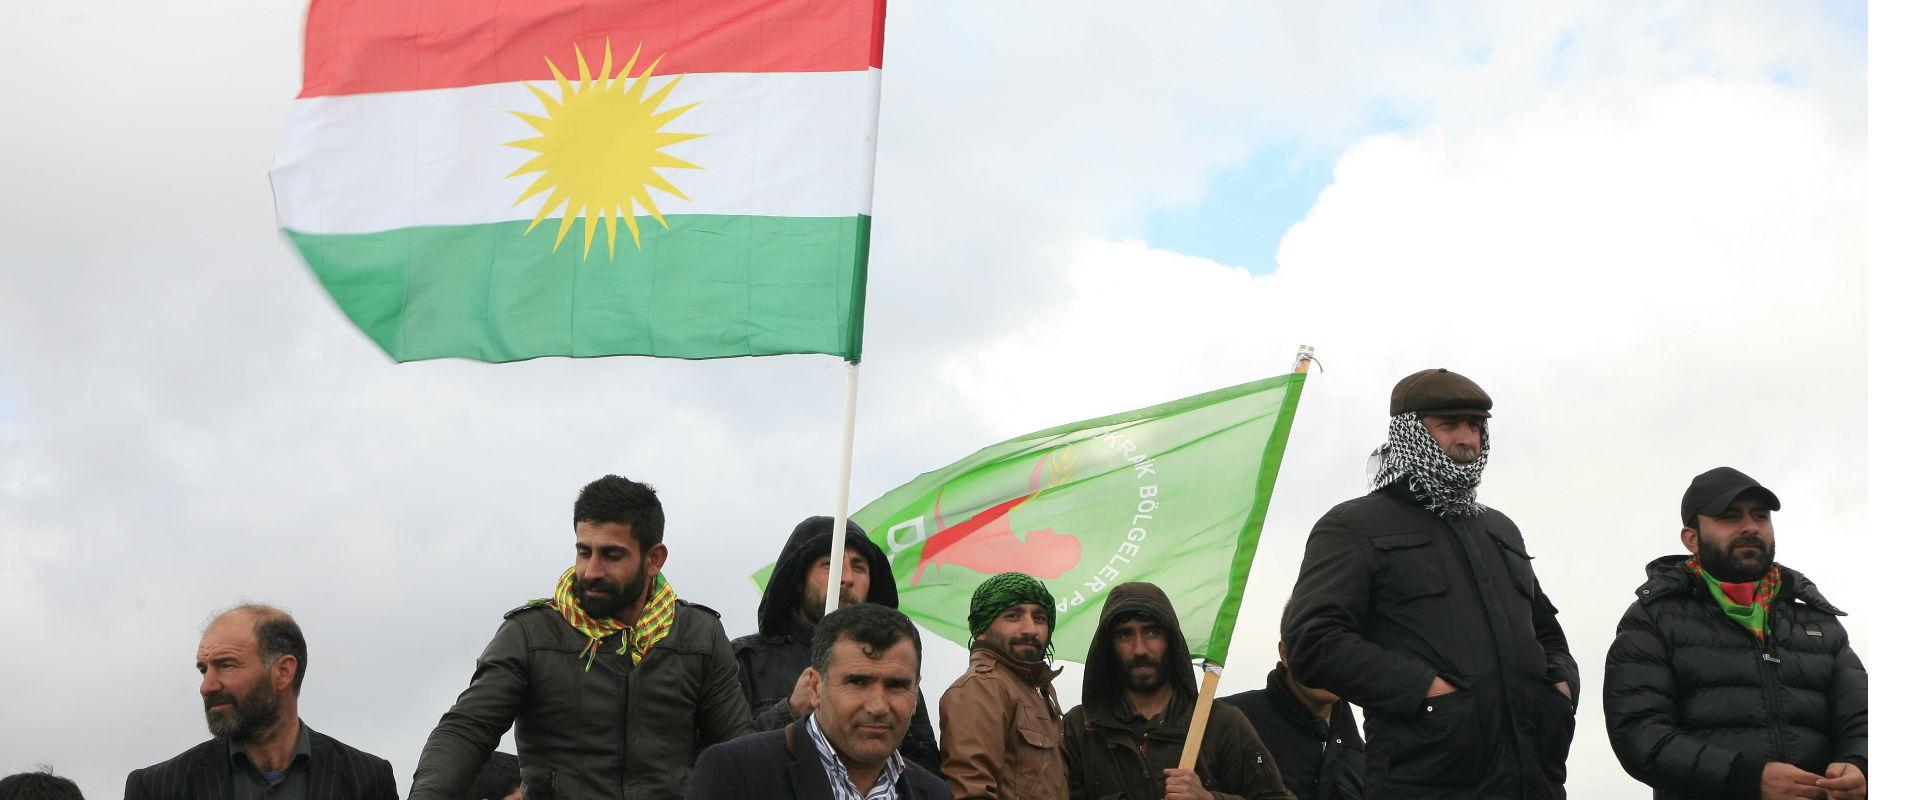 פעילים הארגון הצבאי הכורדי YPG נושאים את דגל כורדי